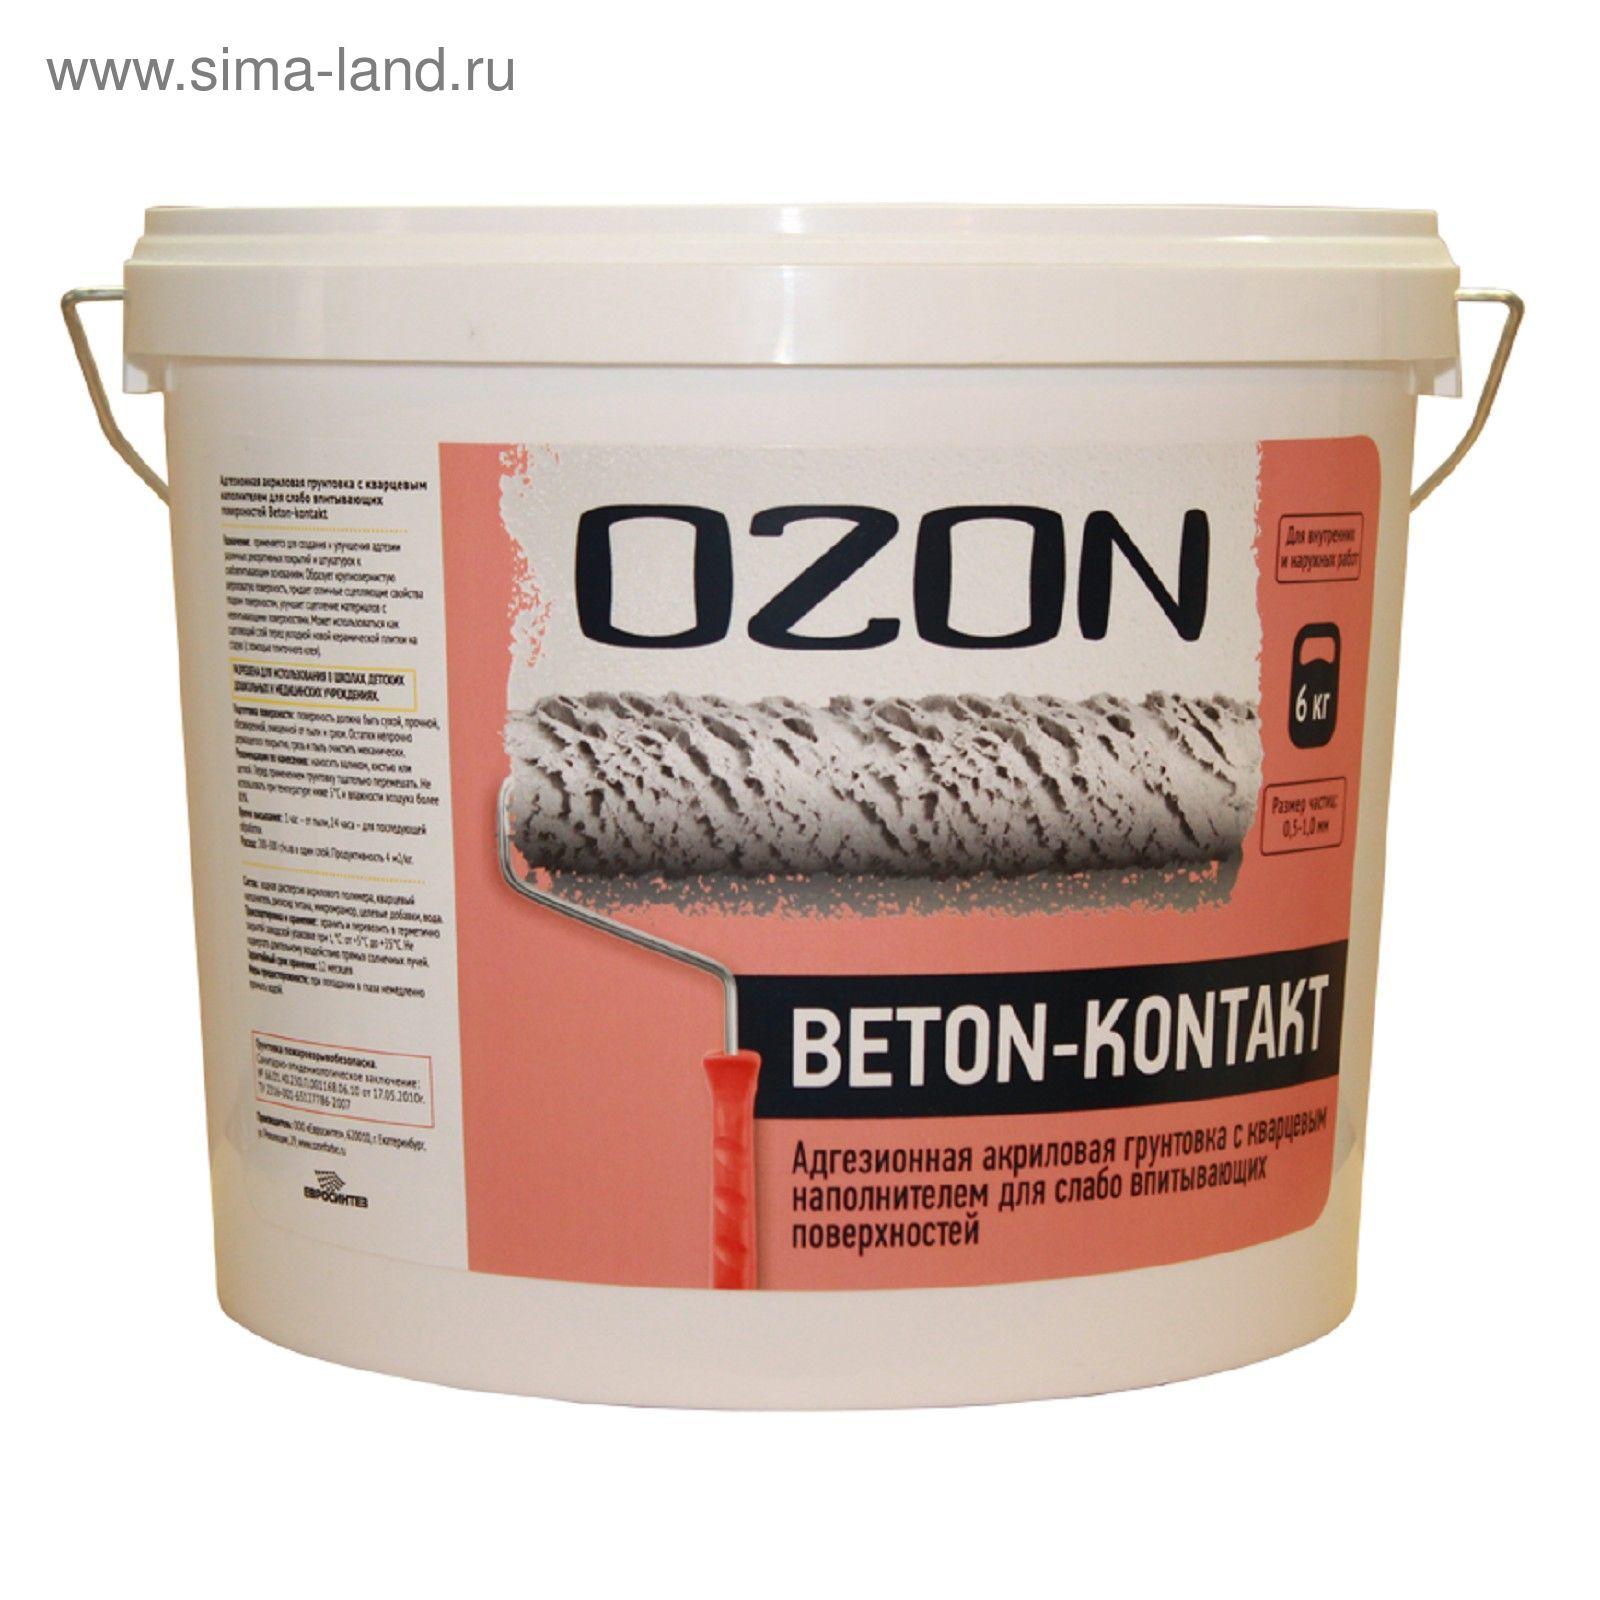 Грунтовка Бетон-контакт OZON Beton-kontakt ВД-АК 040М акриловая 14 кг